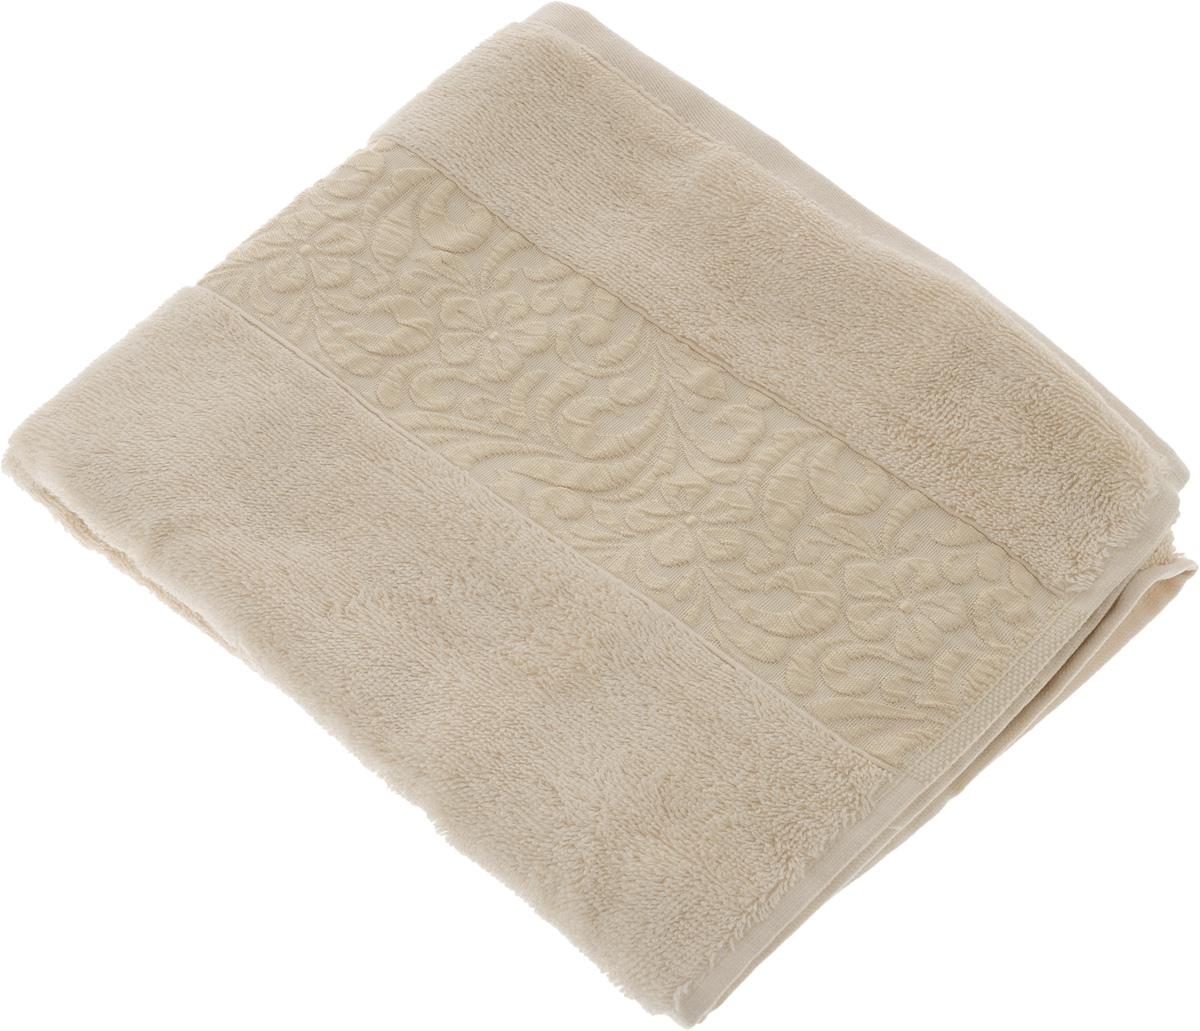 Полотенце бамбуковое Issimo Home Valencia, цвет: пудра, 50 x 90 см4760Полотенце Issimo Home Valencia выполнено из 60% бамбукового волокна и 40% хлопка. Таким полотенцем не нужно вытираться - только коснитесь кожи - и ткань сама все впитает. Такая ткань впитывает в 3 раза лучше, чем хлопок. Несмотря на высокую плотность, полотенце быстро сохнет, остается легкими даже при намокании. Изделие имеет красивый жаккардовый бордюр, оформленный цветочным орнаментом. Благородные, классические тона создадут уют и подчеркнут лучшие качества махровой ткани, а сочные, яркие, летние оттенки создадут ощущение праздника и наполнят дом энергией. Красивая, стильная упаковка этого полотенца делает его уже готовым подарком к любому случаю.